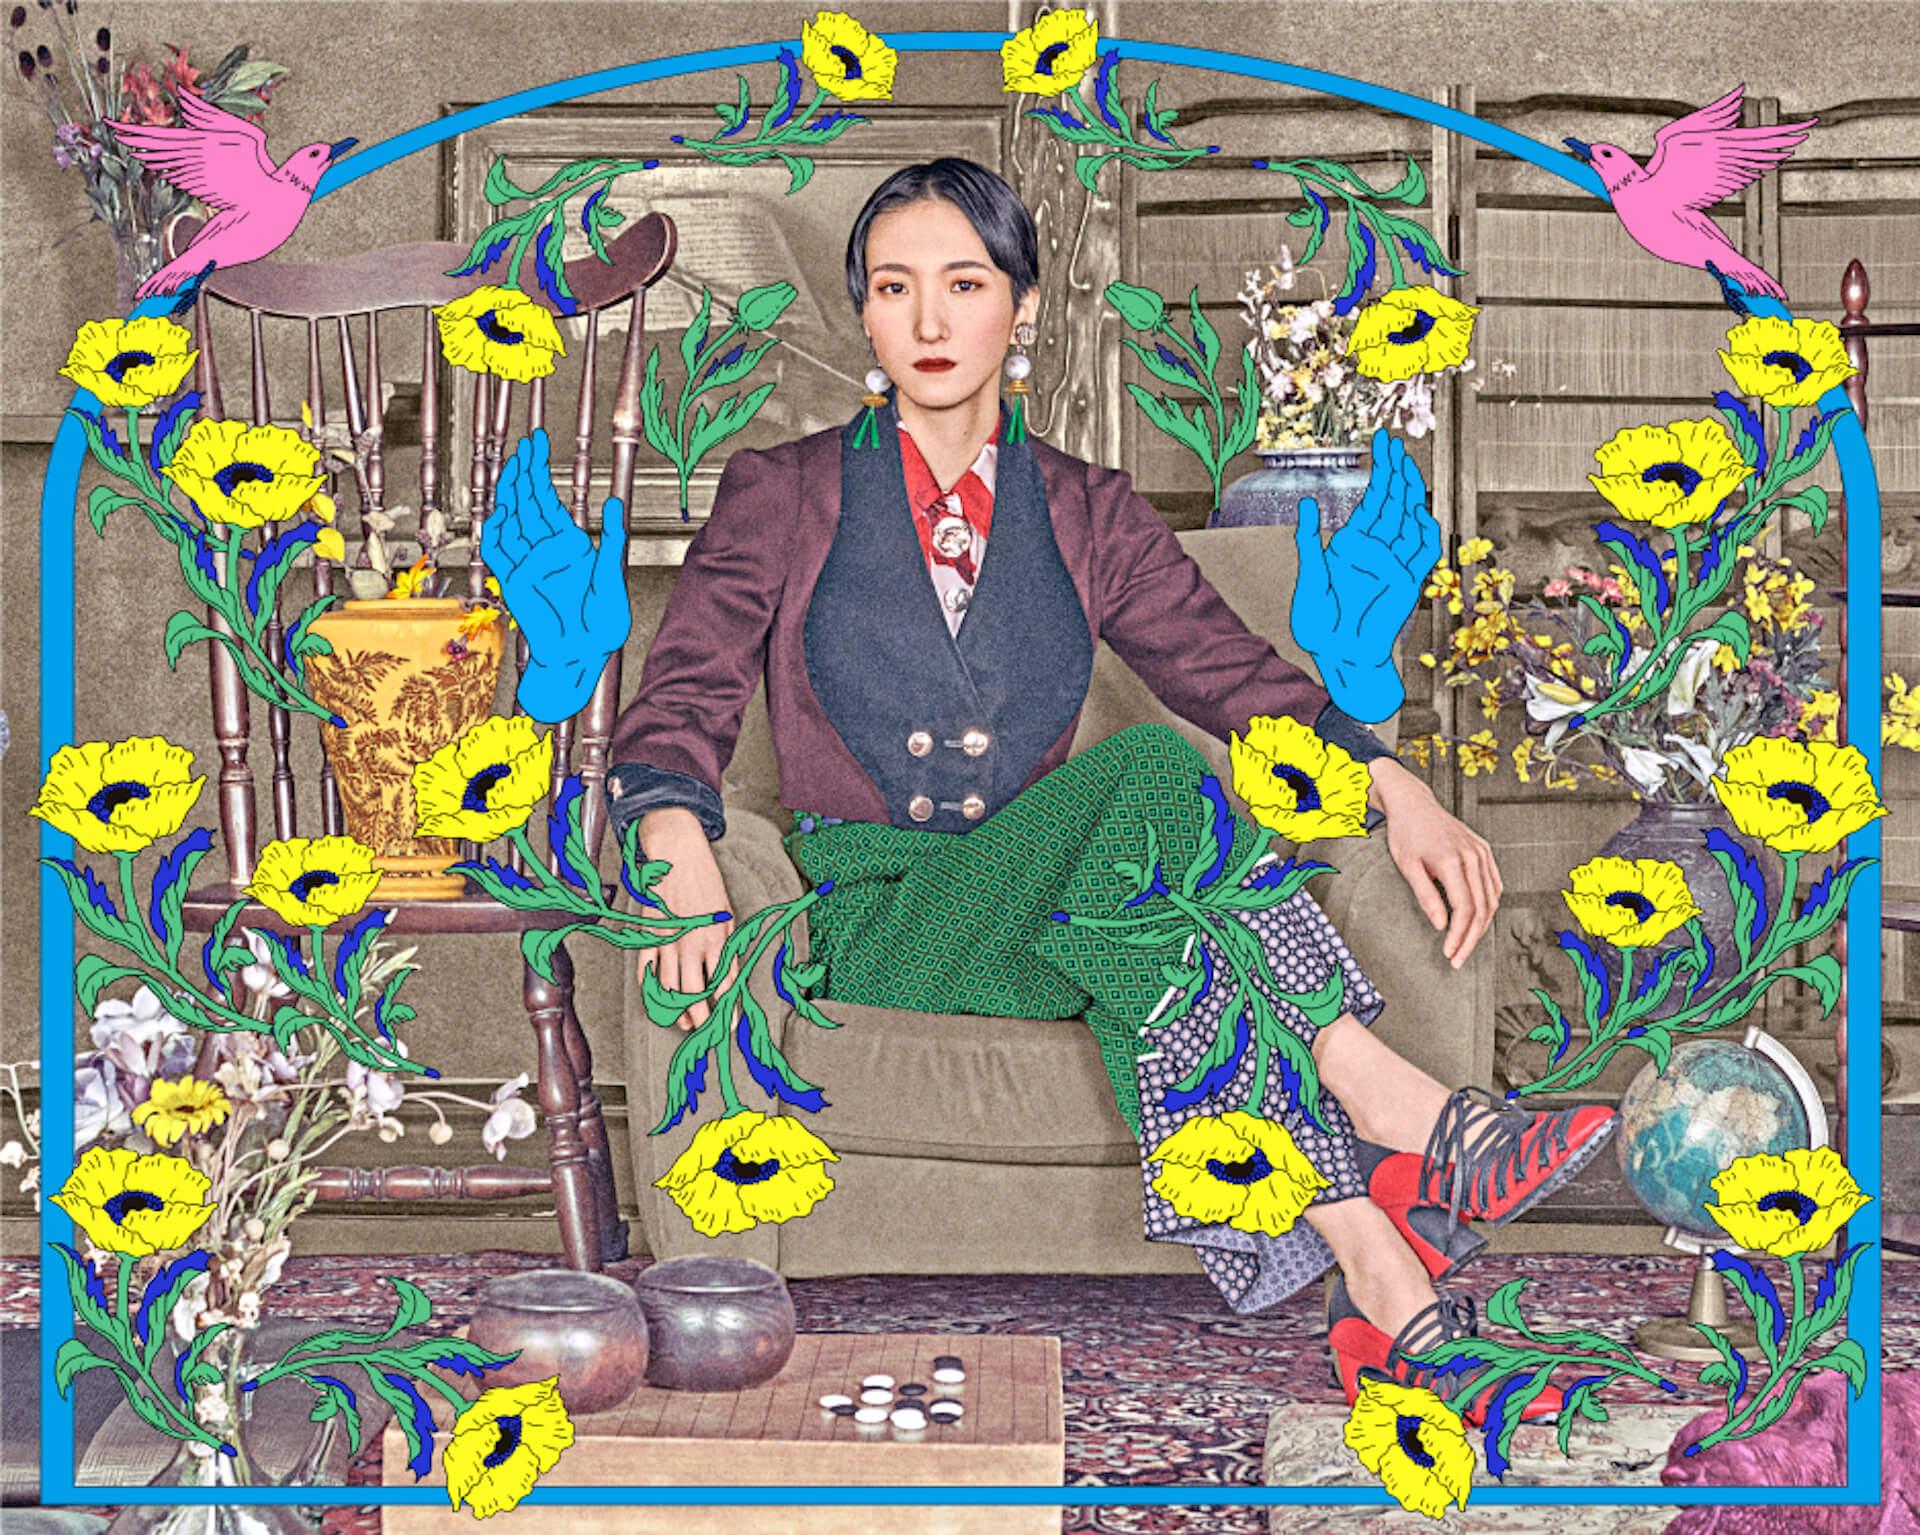 「流されず、変わり続ける」日食なつこが掲げる旗|音楽のすゝめ interview210310_nisshoku-natsuko-010